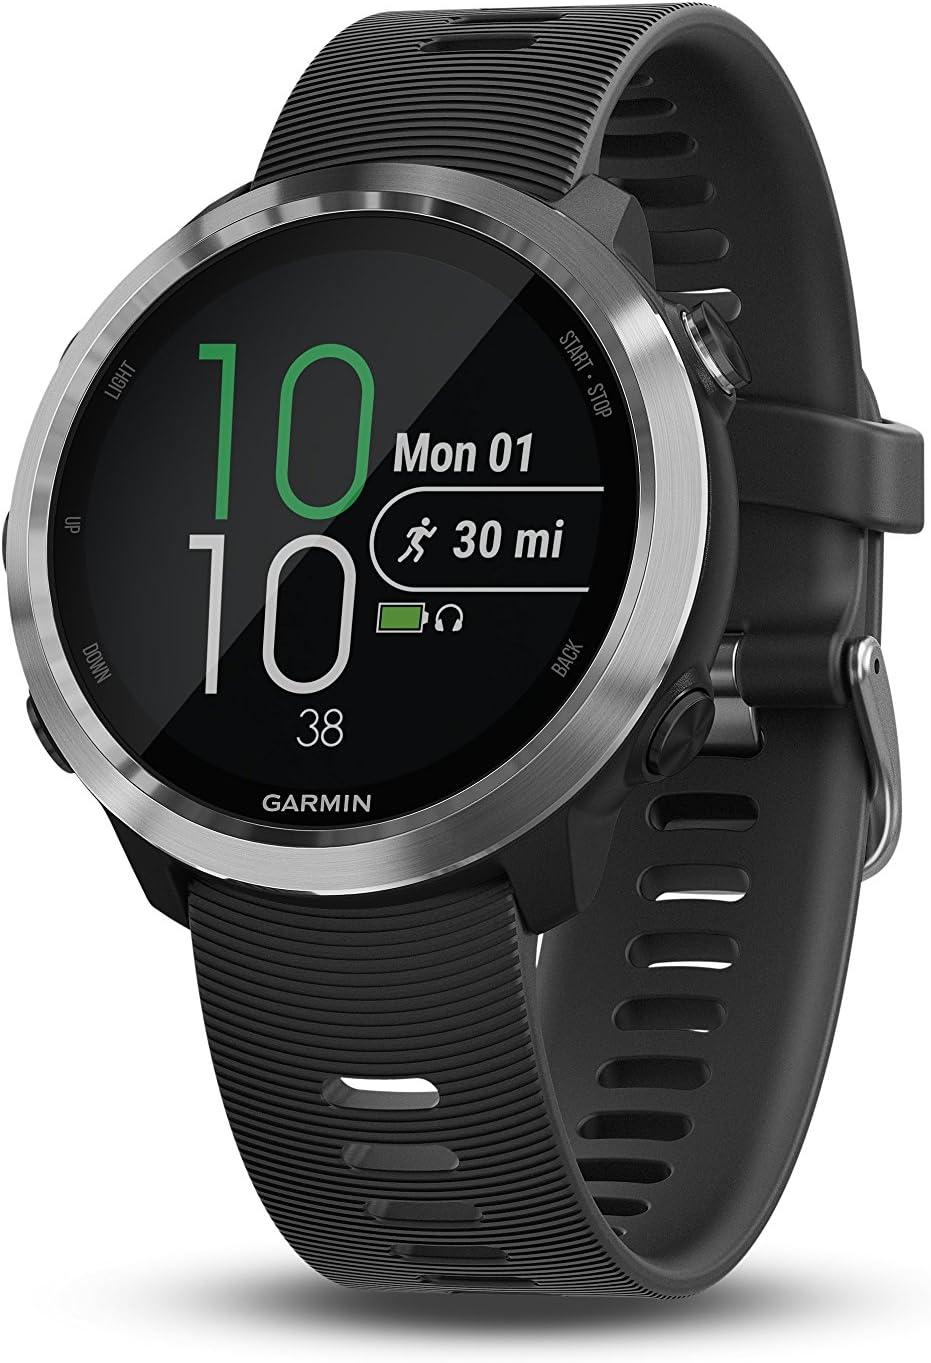 Garmin 010-01863-00 Forerunner 645, GPS Running Watch